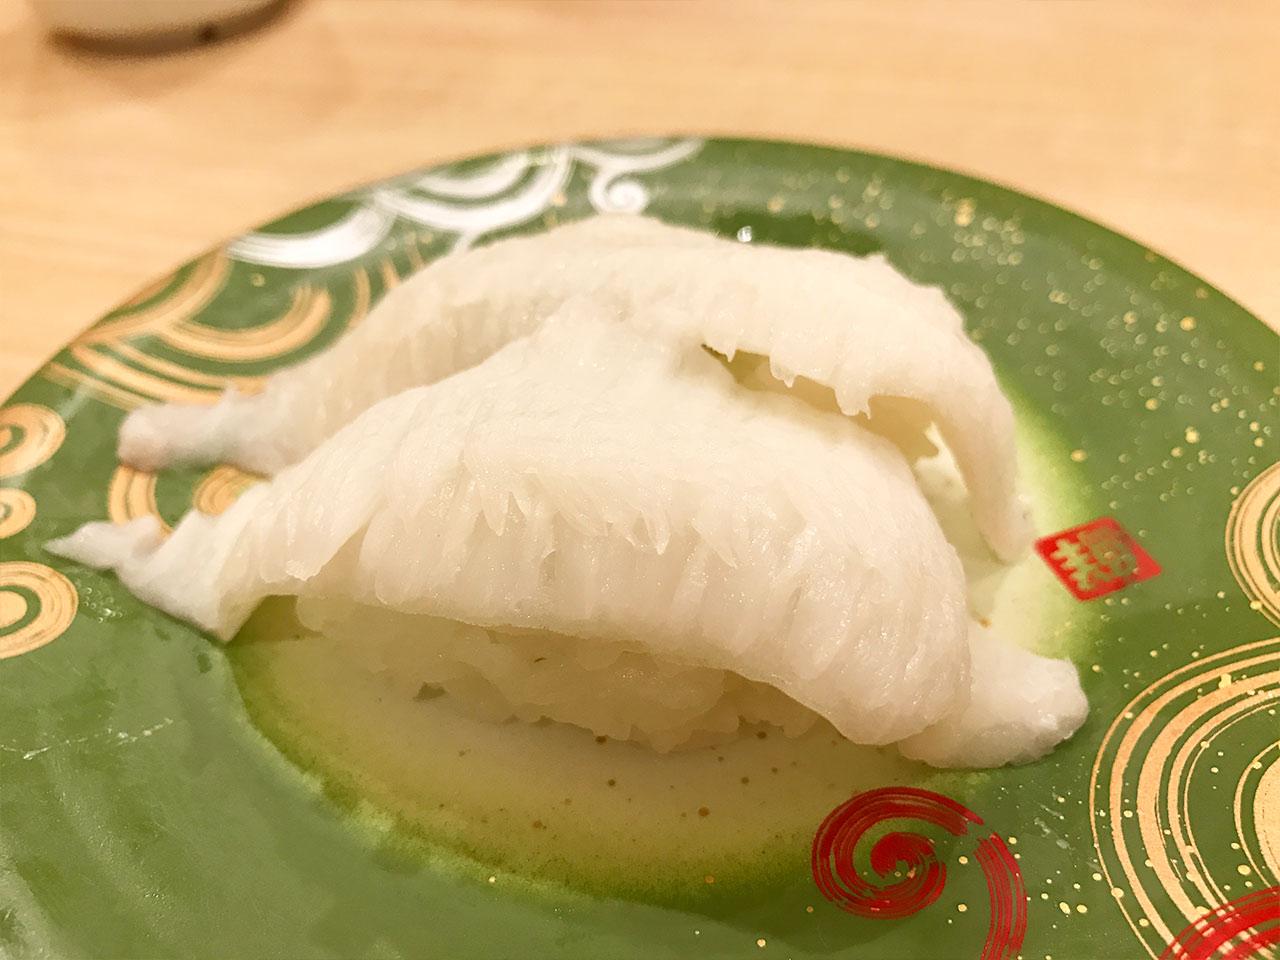 東京ソラマチ「トリトン」の寿司01